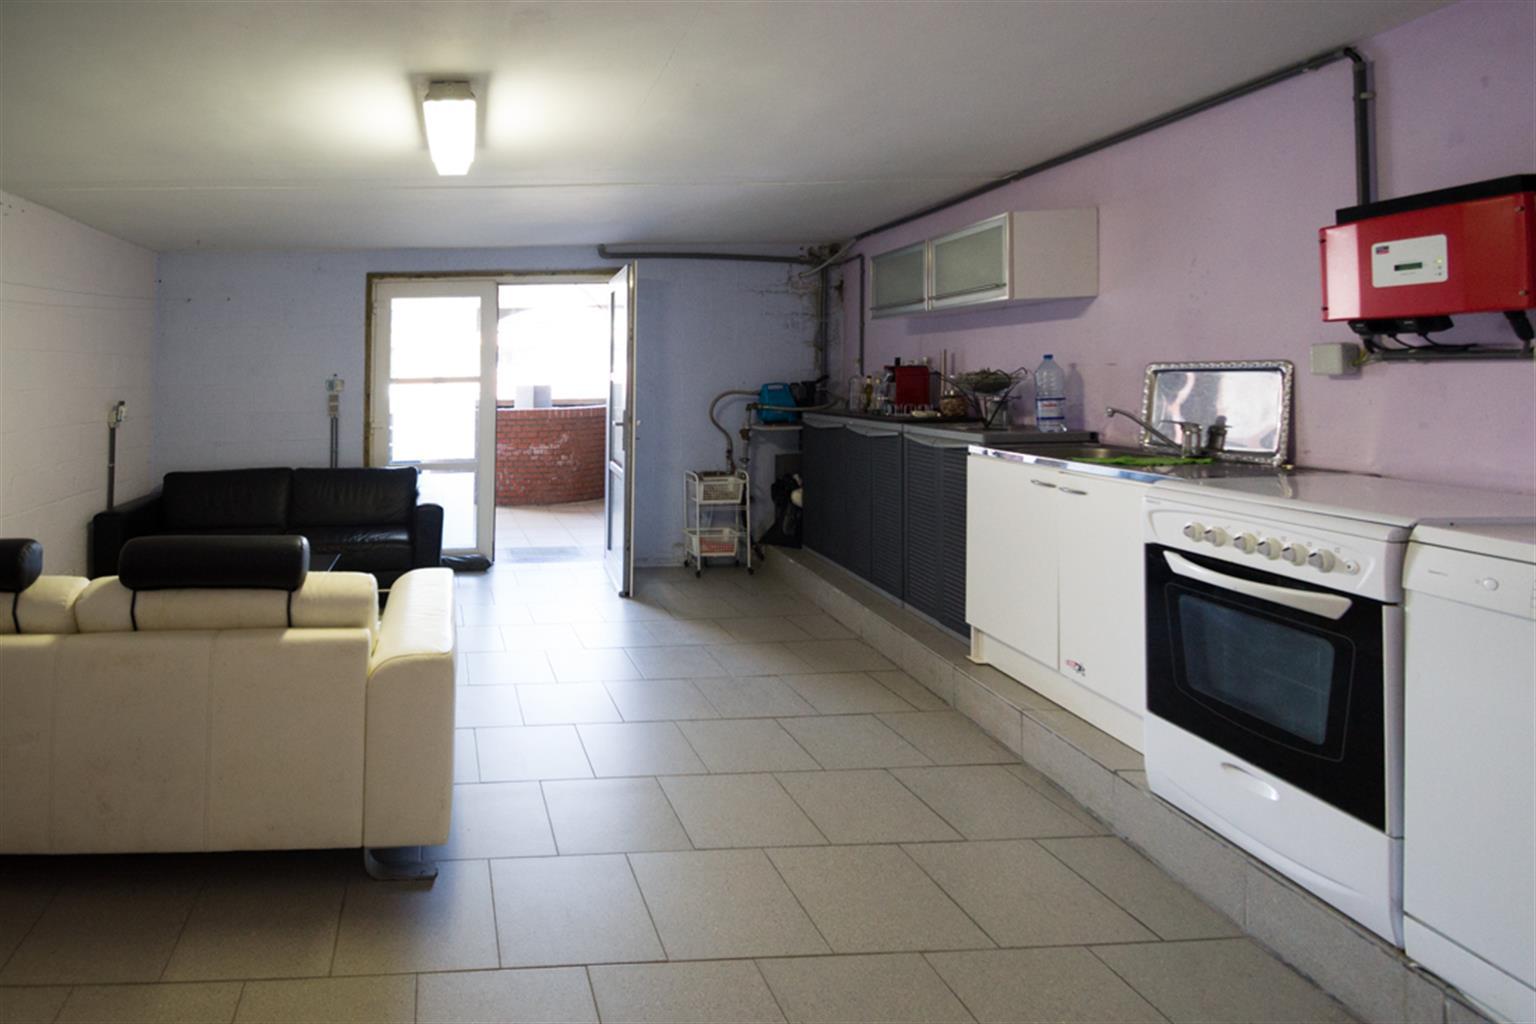 Maison -  Fayt-Lez-Manage - #4286182-22